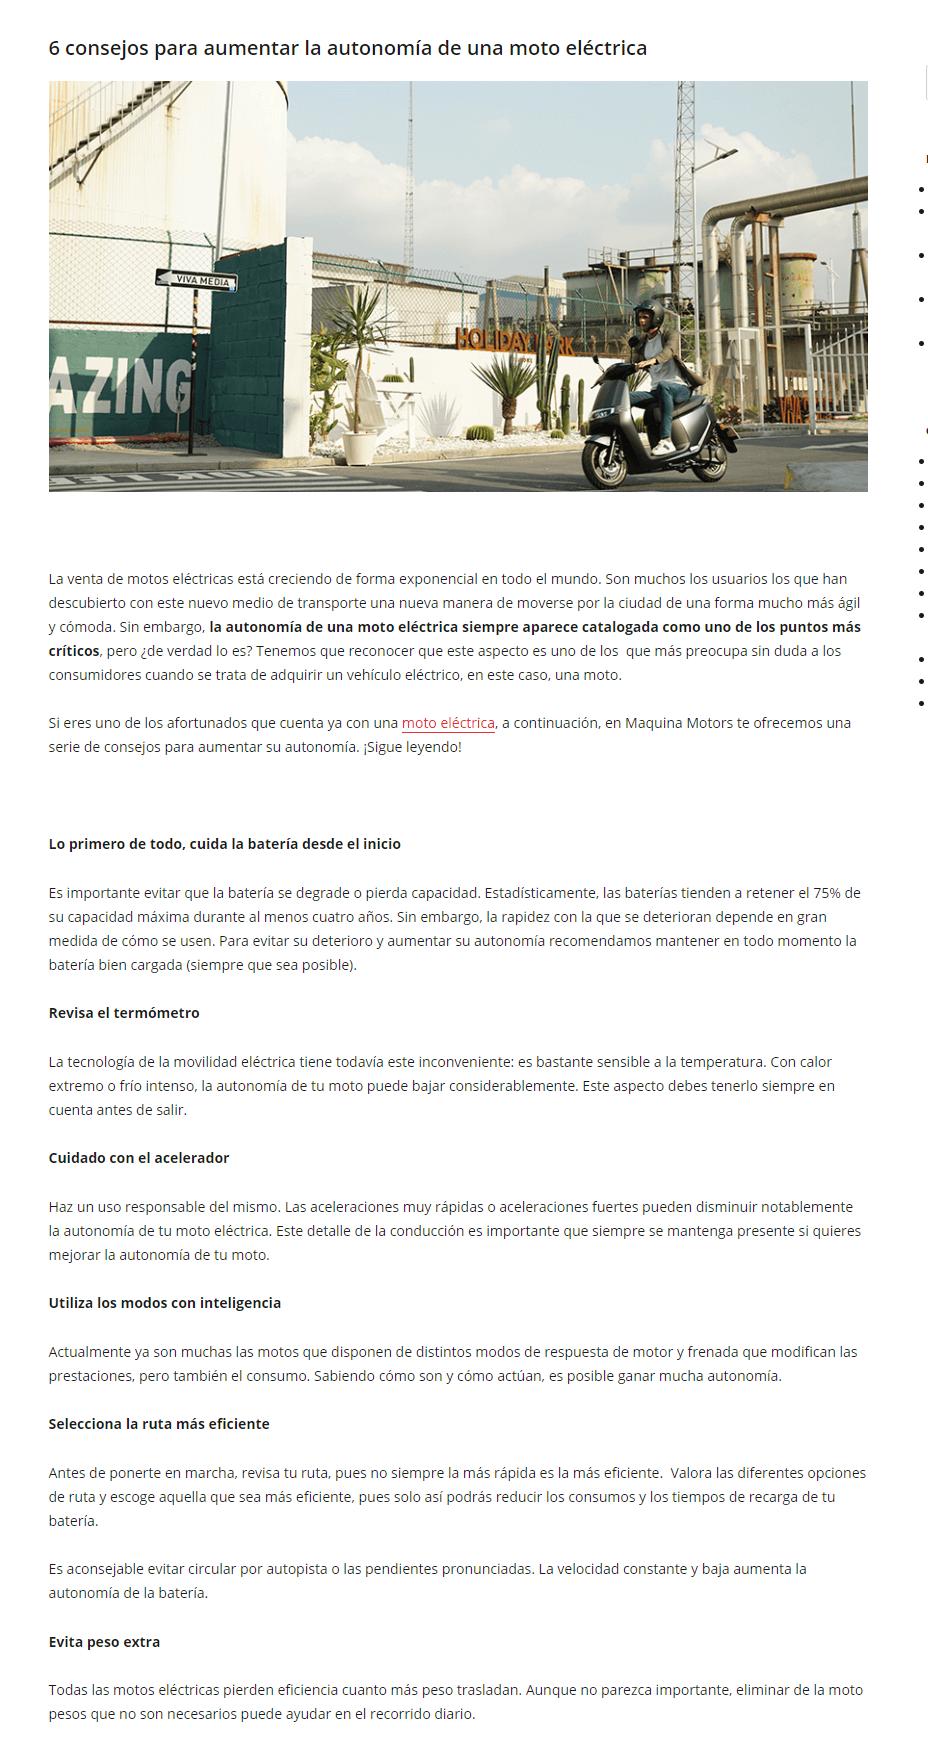 Blog de Maquina Motors